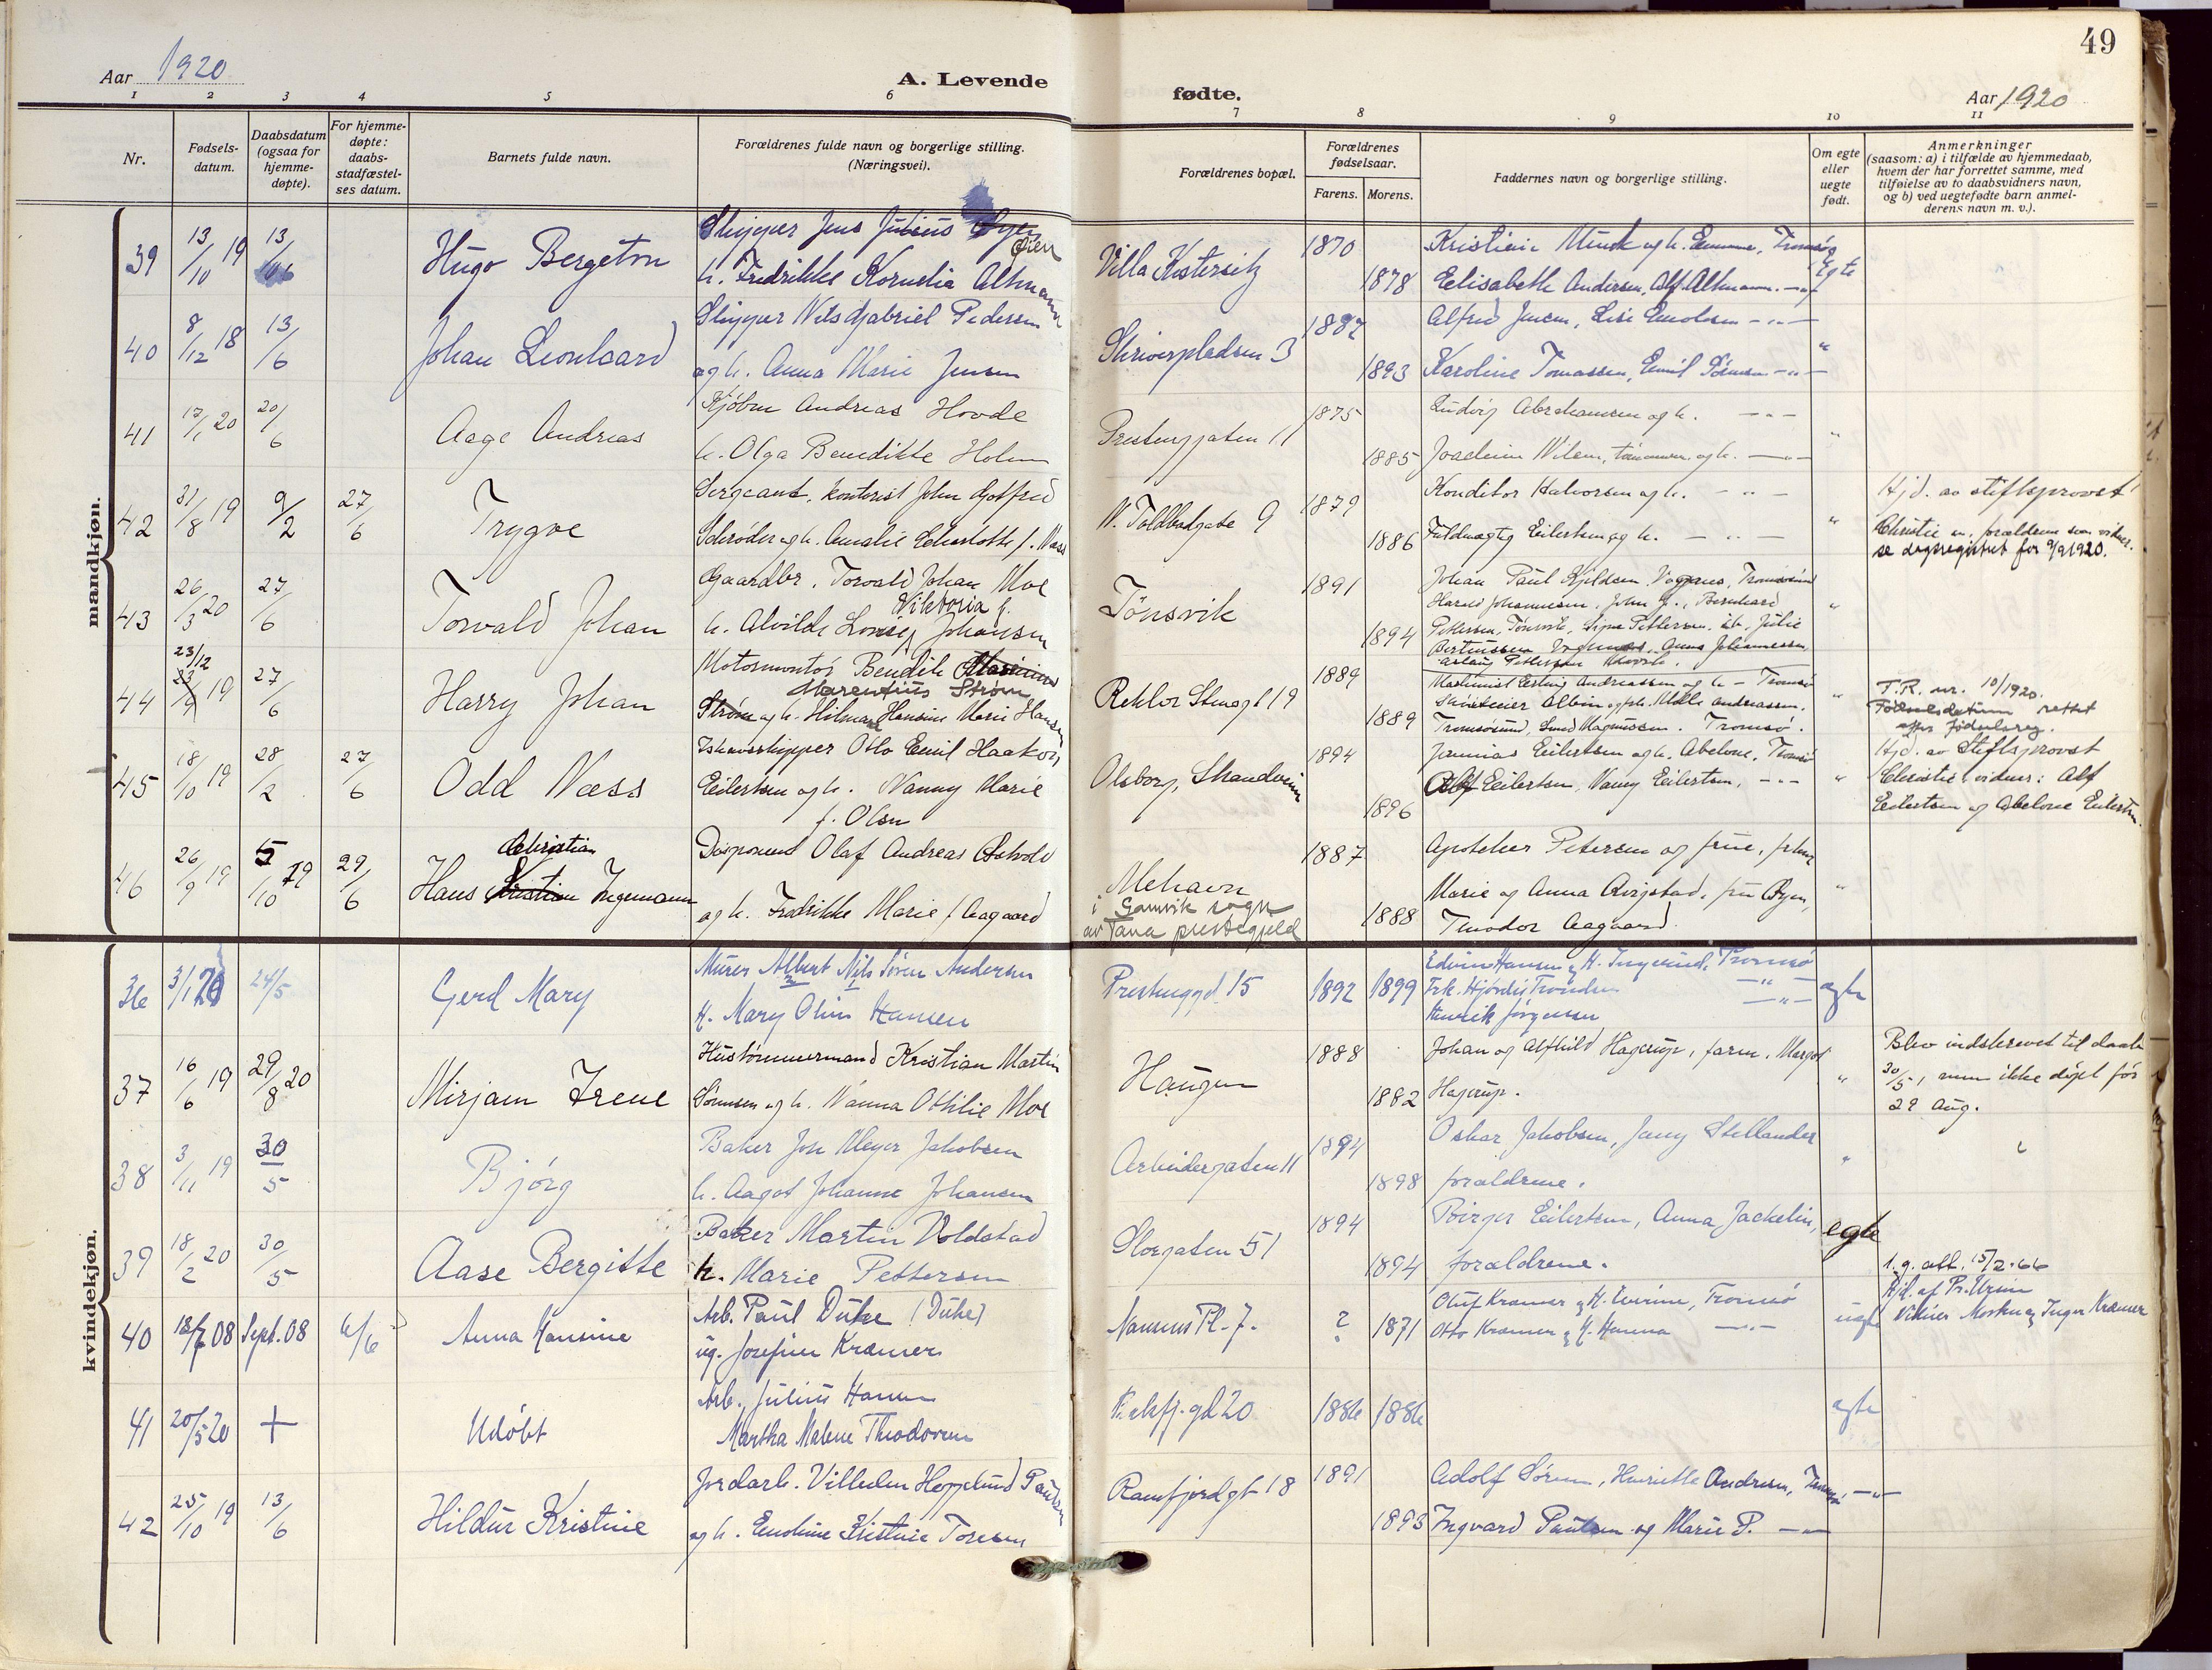 SATØ, Tromsø sokneprestkontor/stiftsprosti/domprosti, G/Ga/L0019kirke: Ministerialbok nr. 19, 1917-1927, s. 49